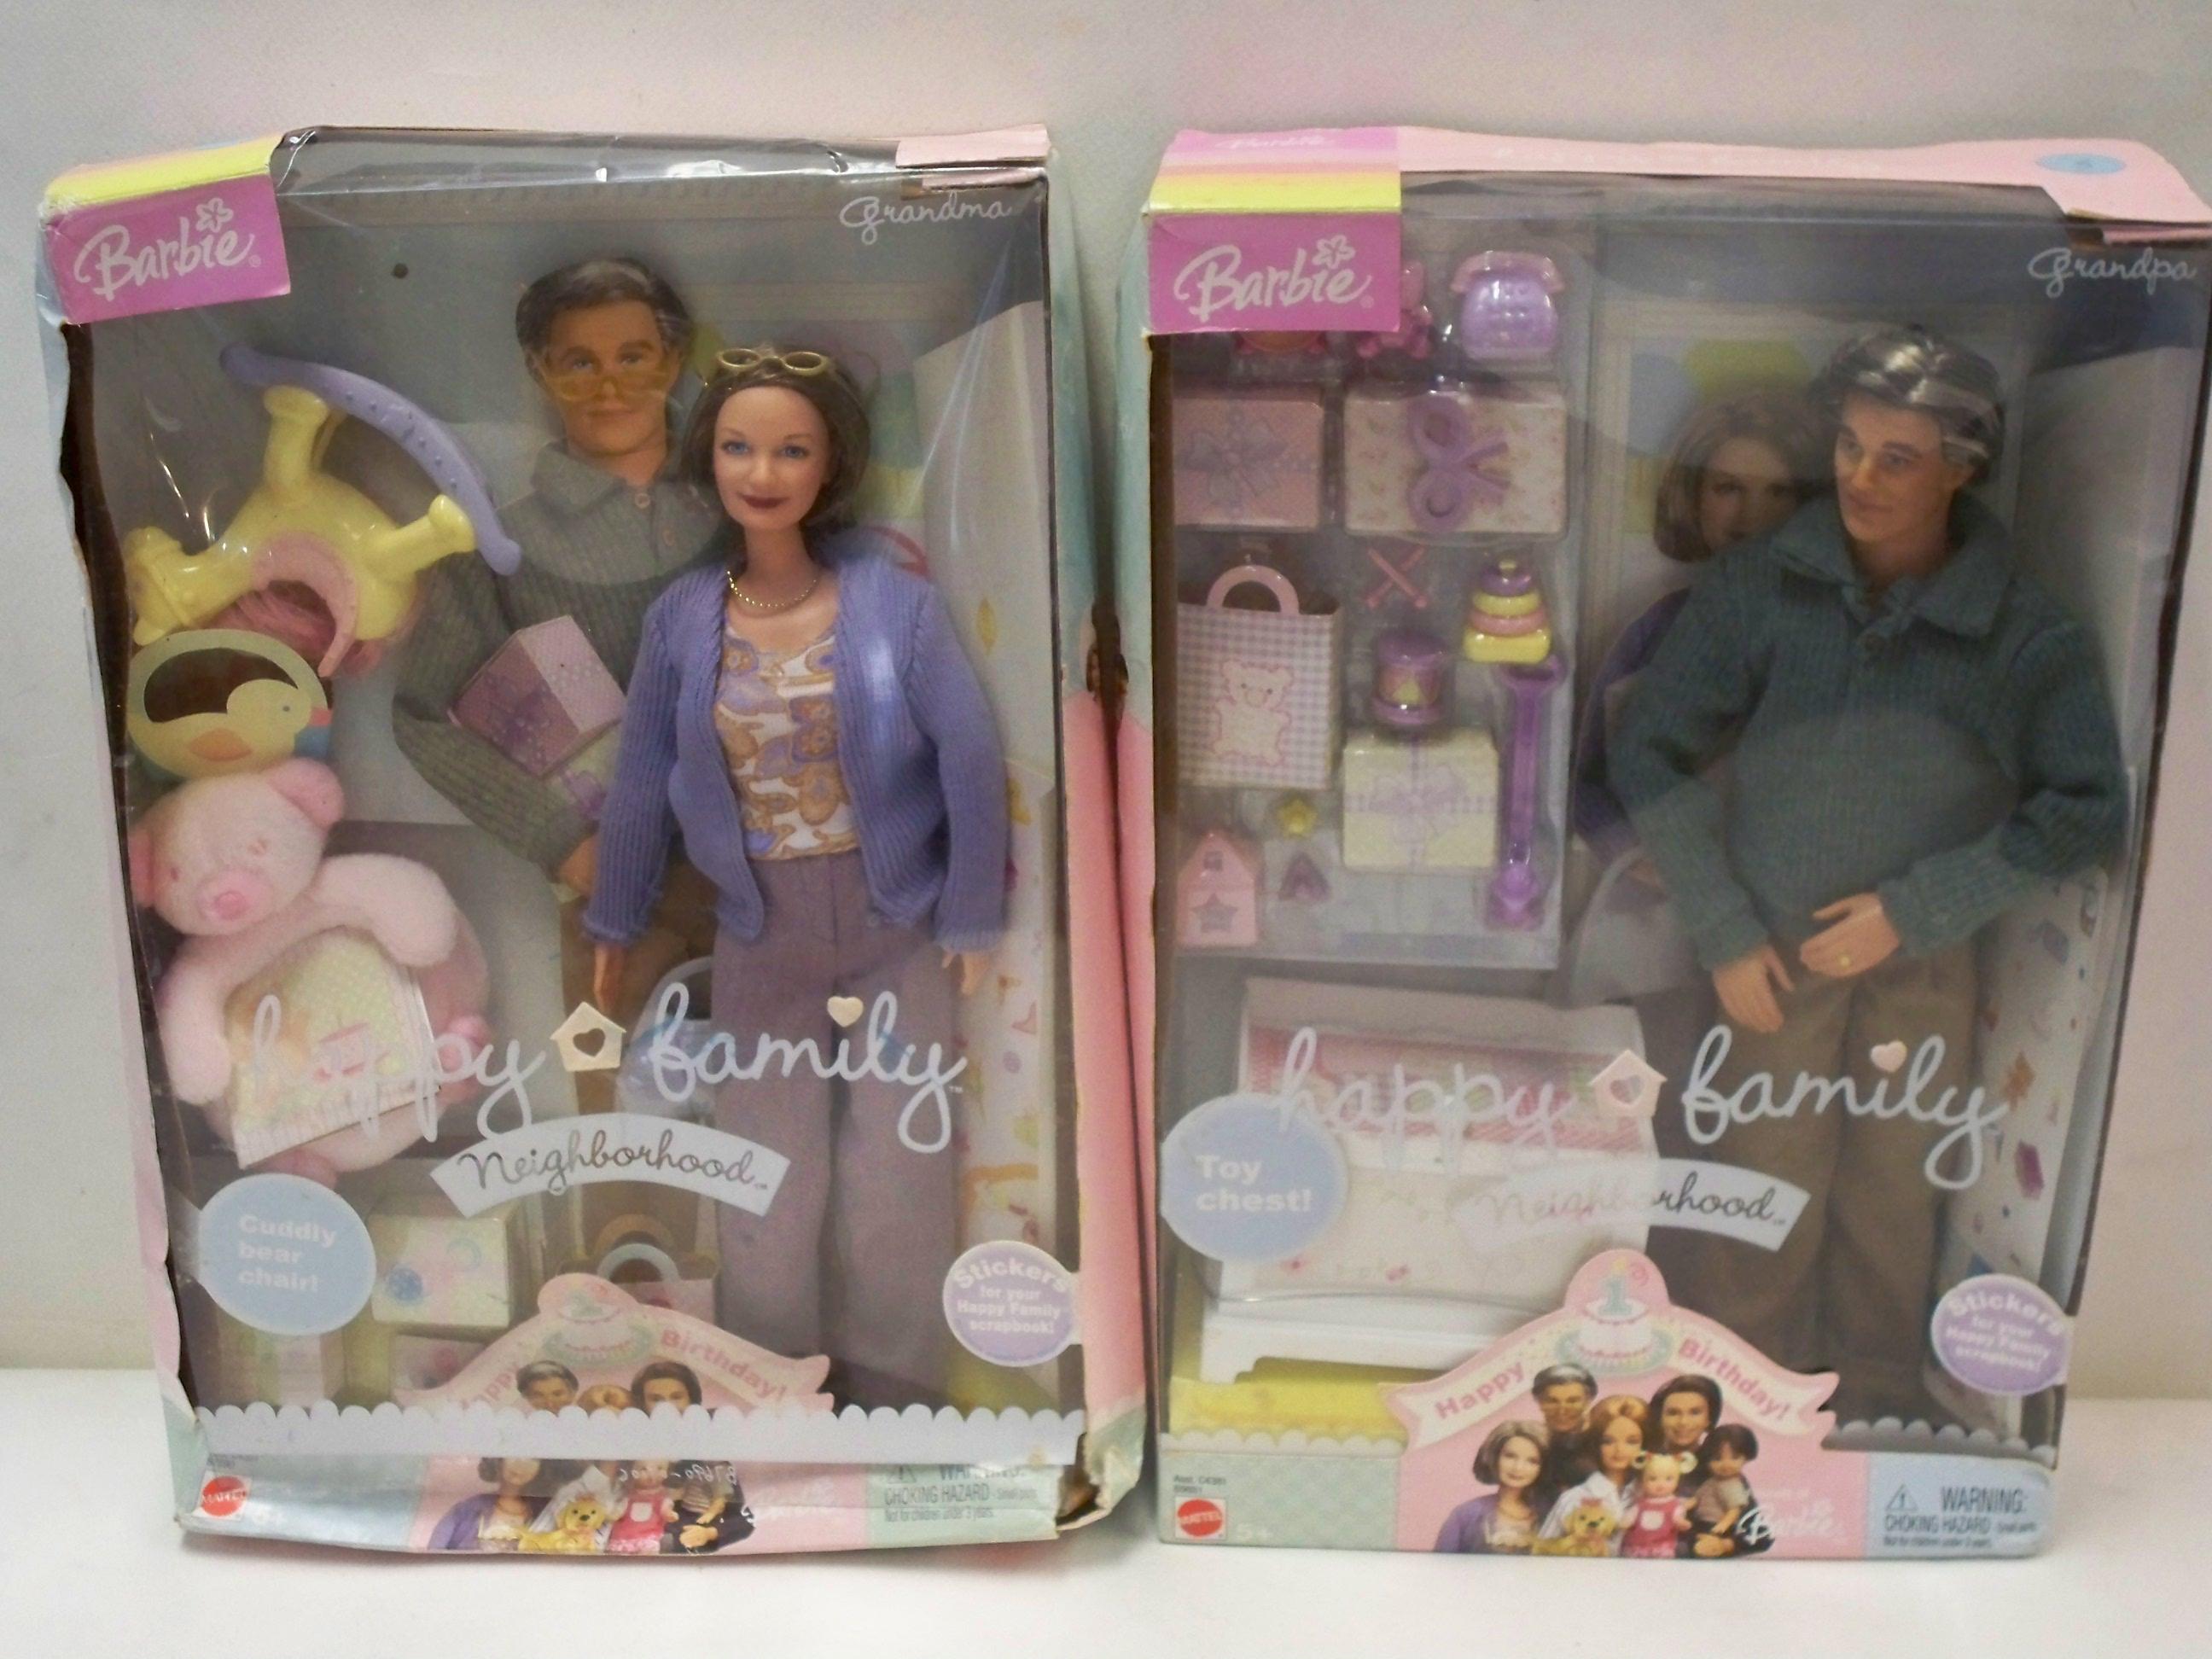 Grandpa Grandma Barbie